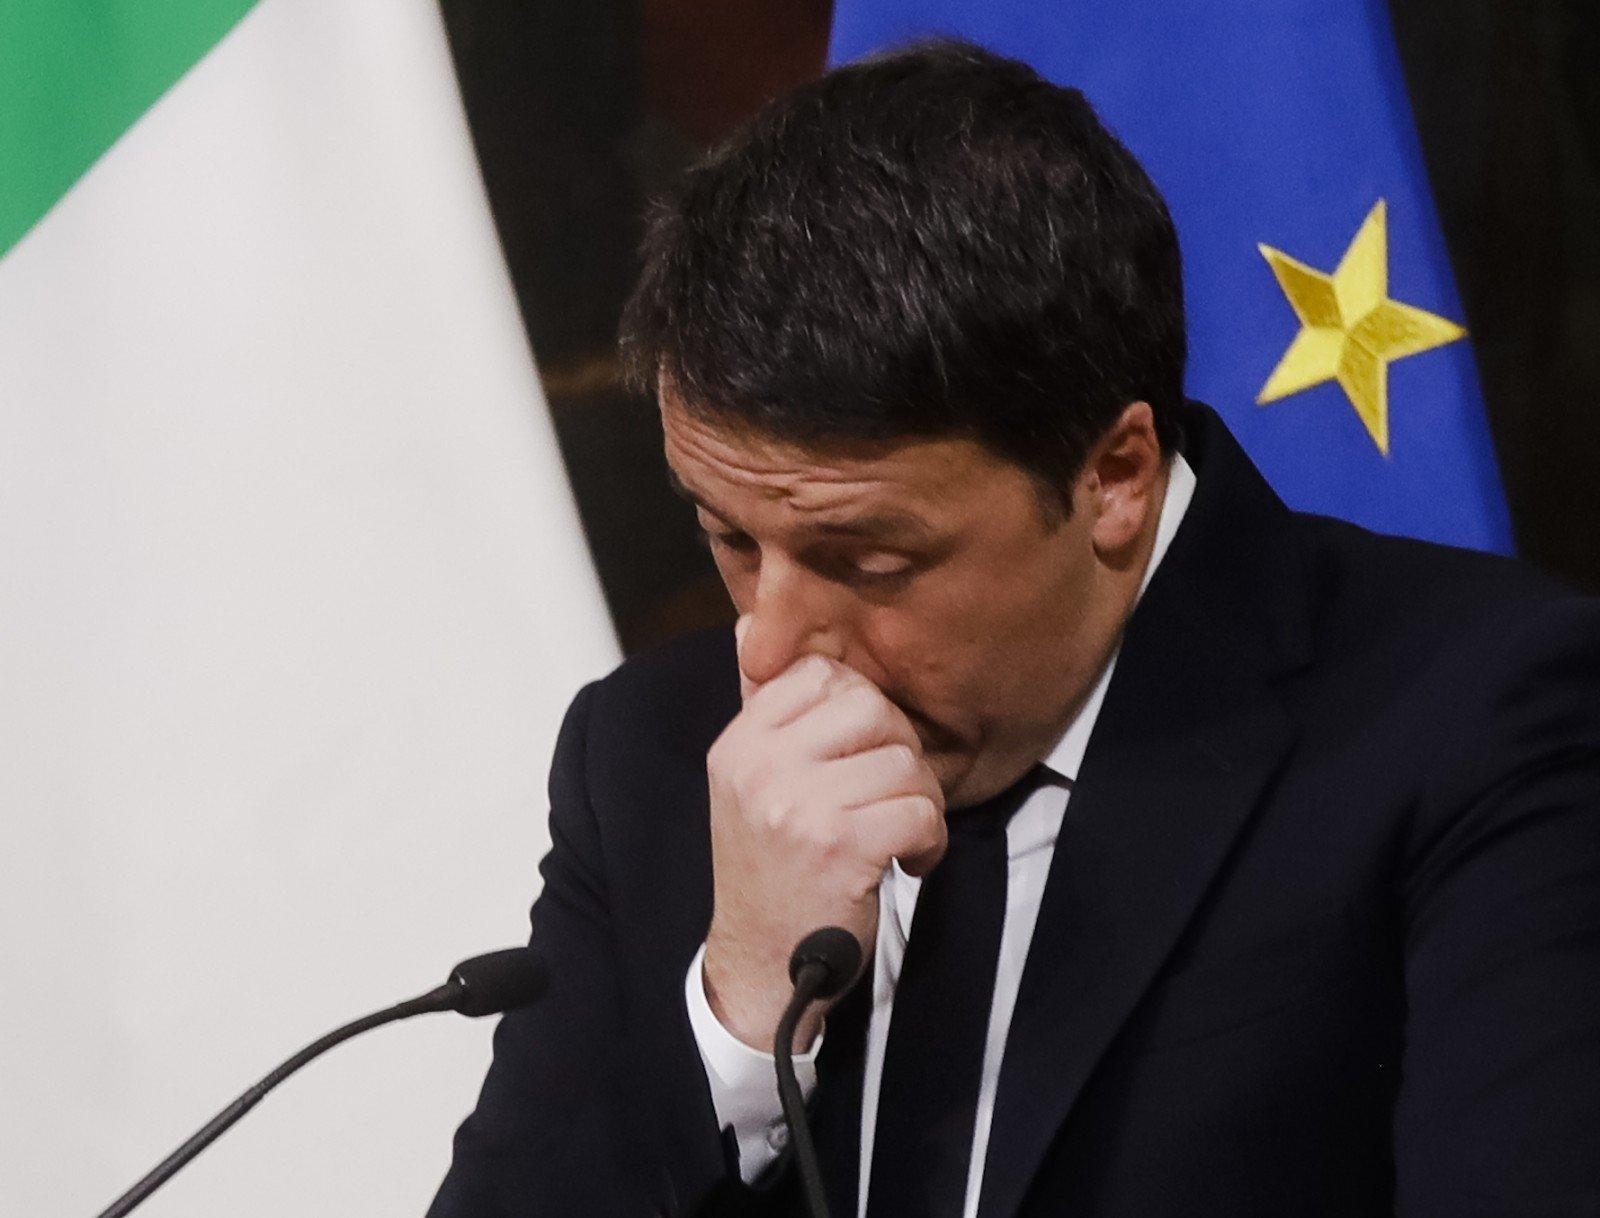 Премьер Италии Маттео Ренци объявил о собственной отставке— Поражение